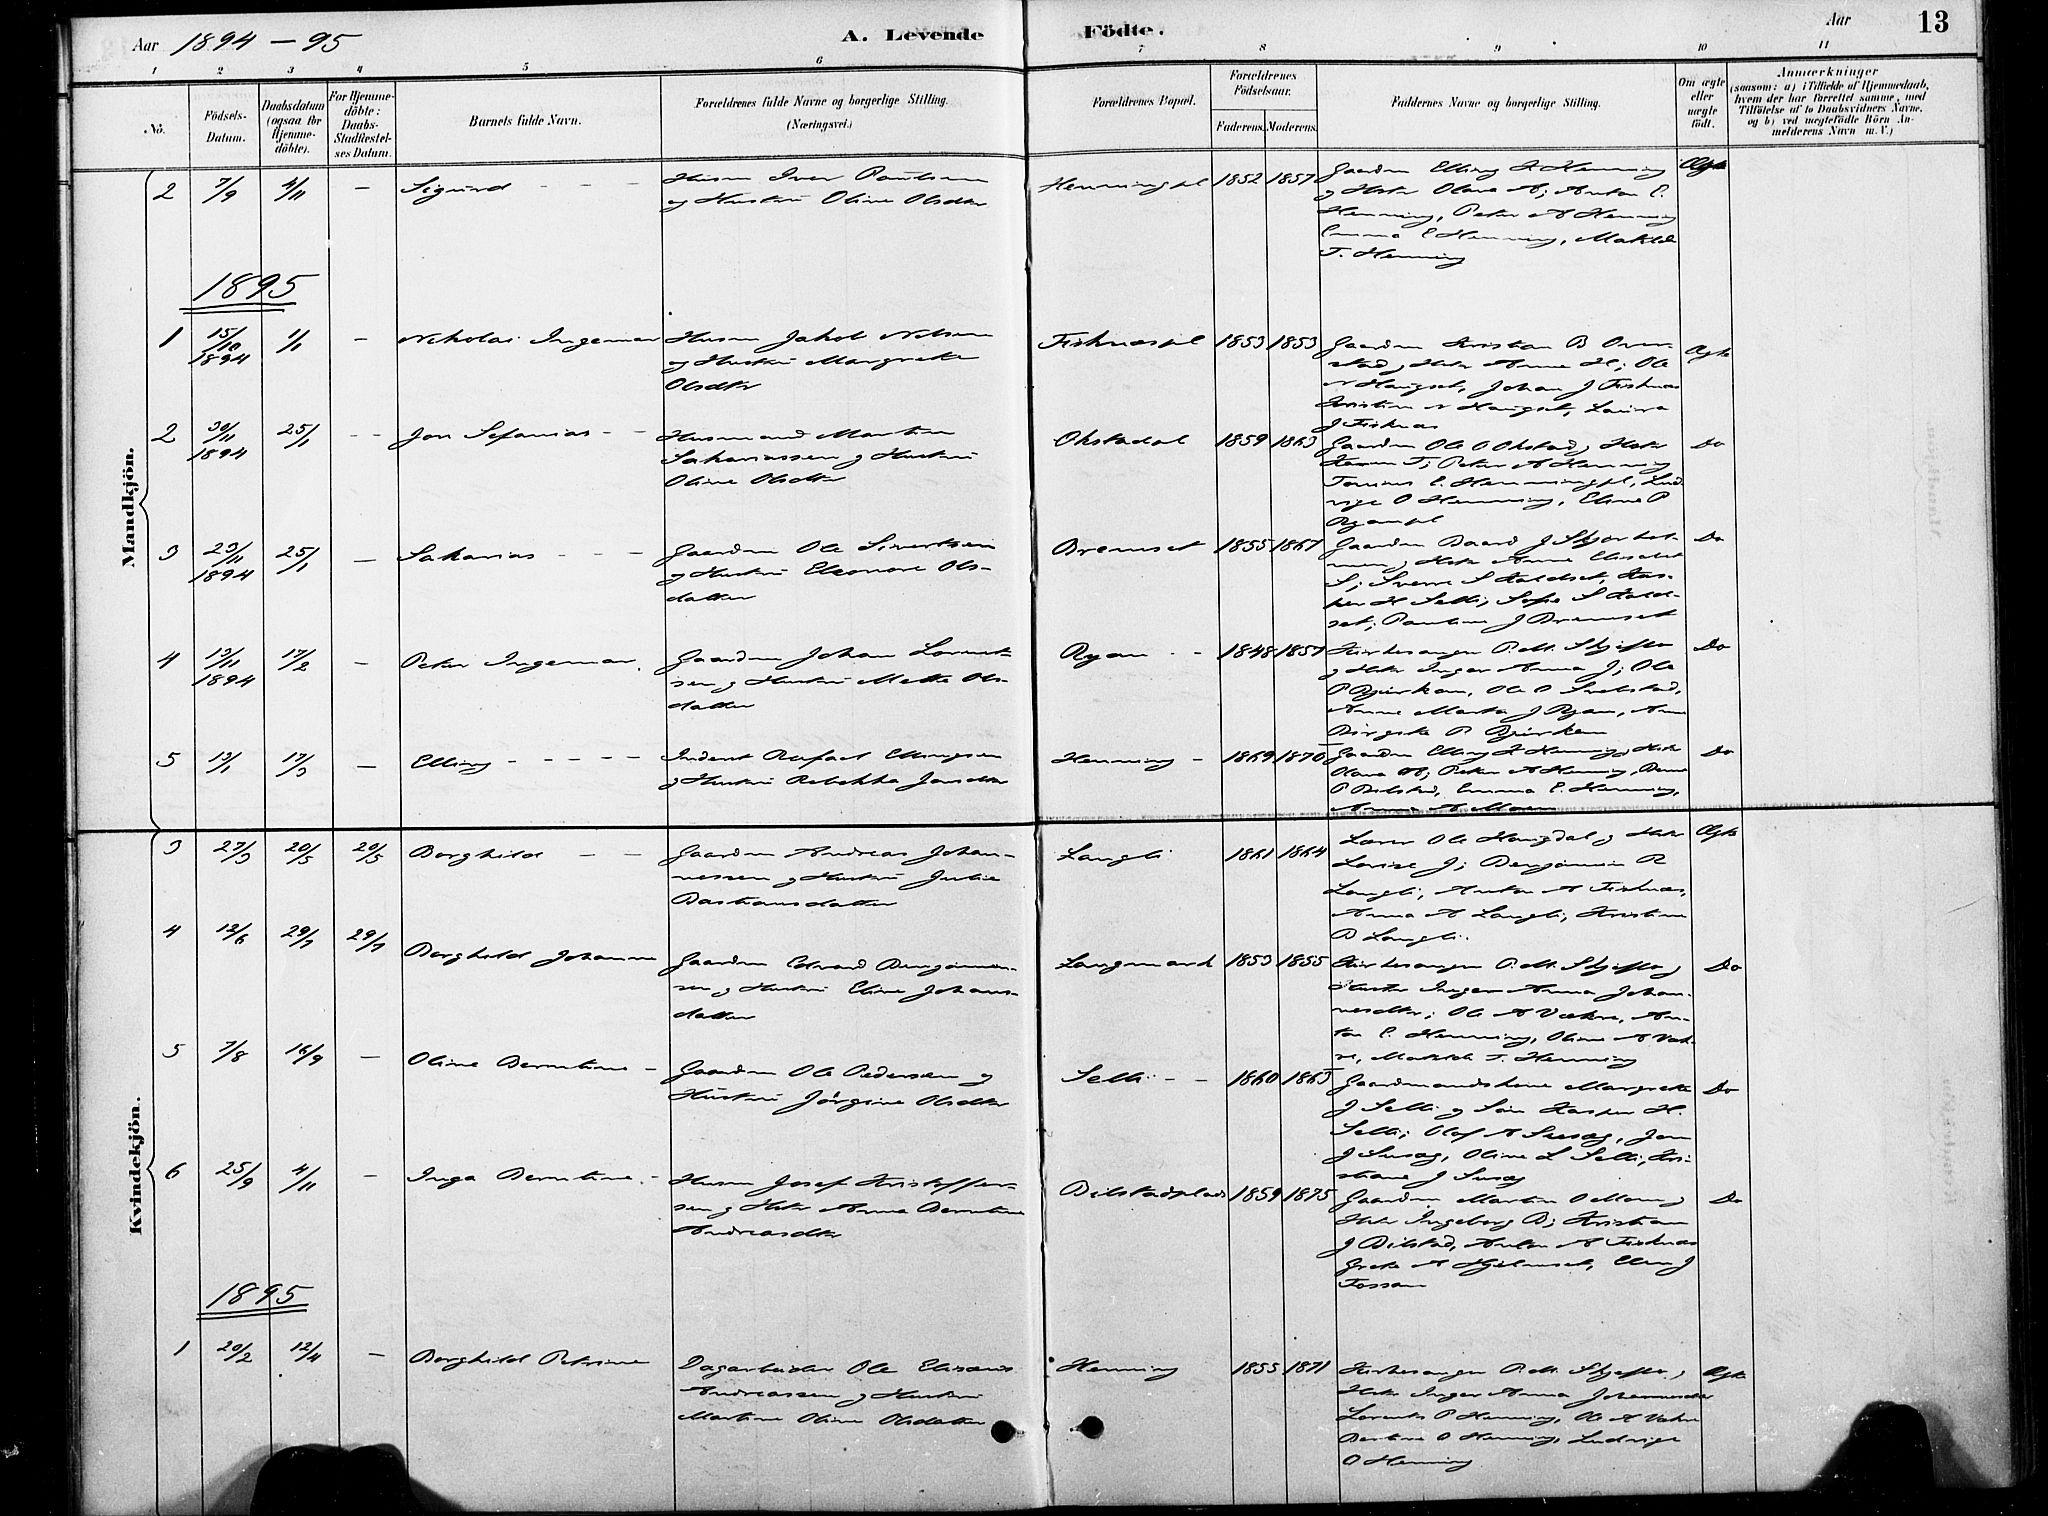 SAT, Ministerialprotokoller, klokkerbøker og fødselsregistre - Nord-Trøndelag, 738/L0364: Ministerialbok nr. 738A01, 1884-1902, s. 13